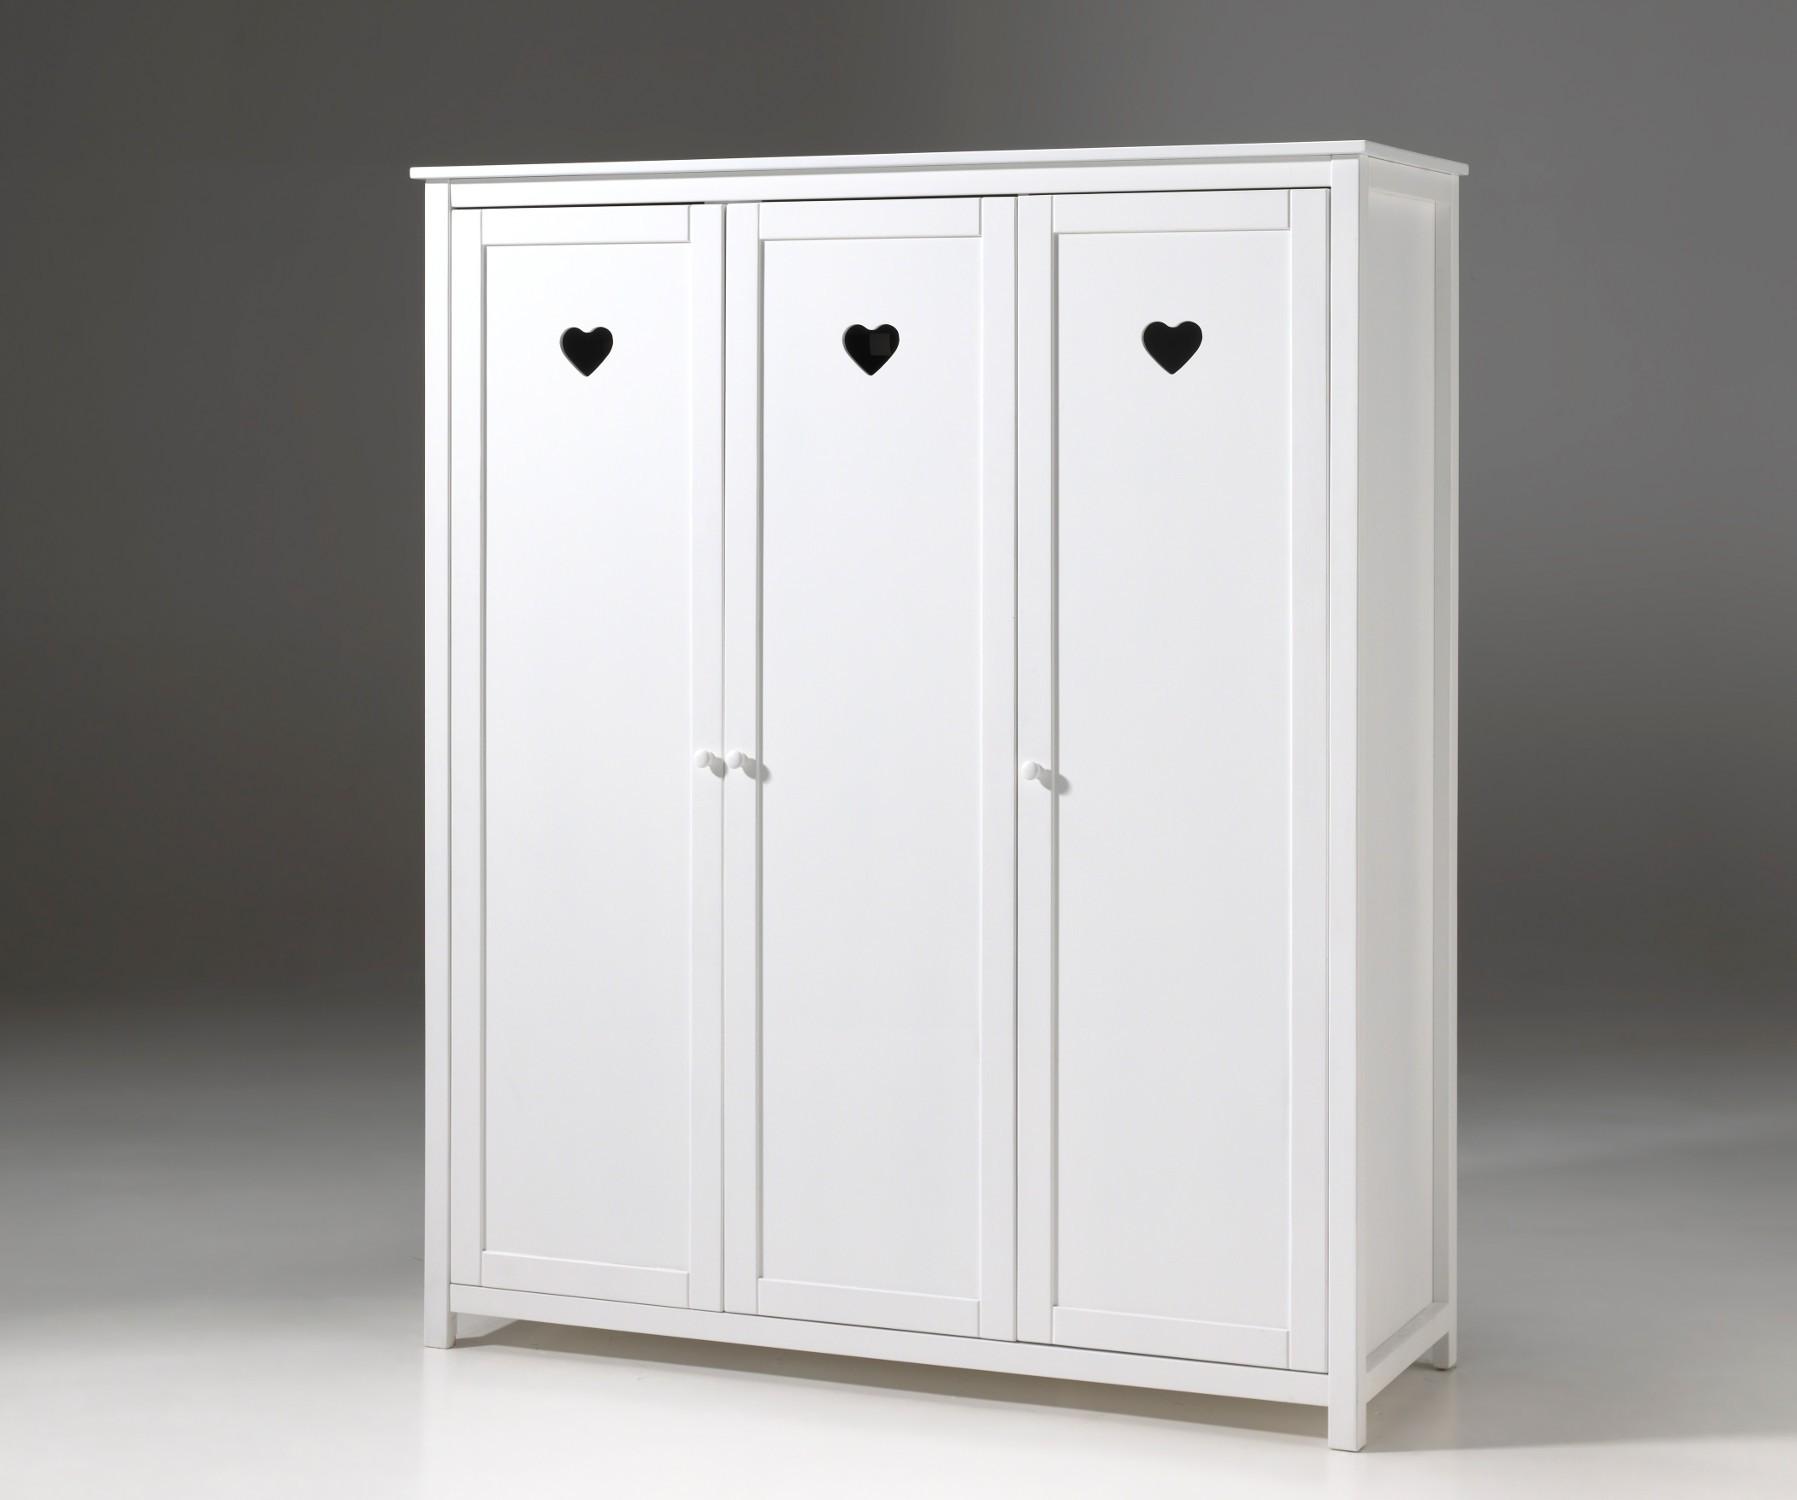 jugendzimmer amori bett nachttisch kleiderschrank schreibtisch regal weiss ebay. Black Bedroom Furniture Sets. Home Design Ideas